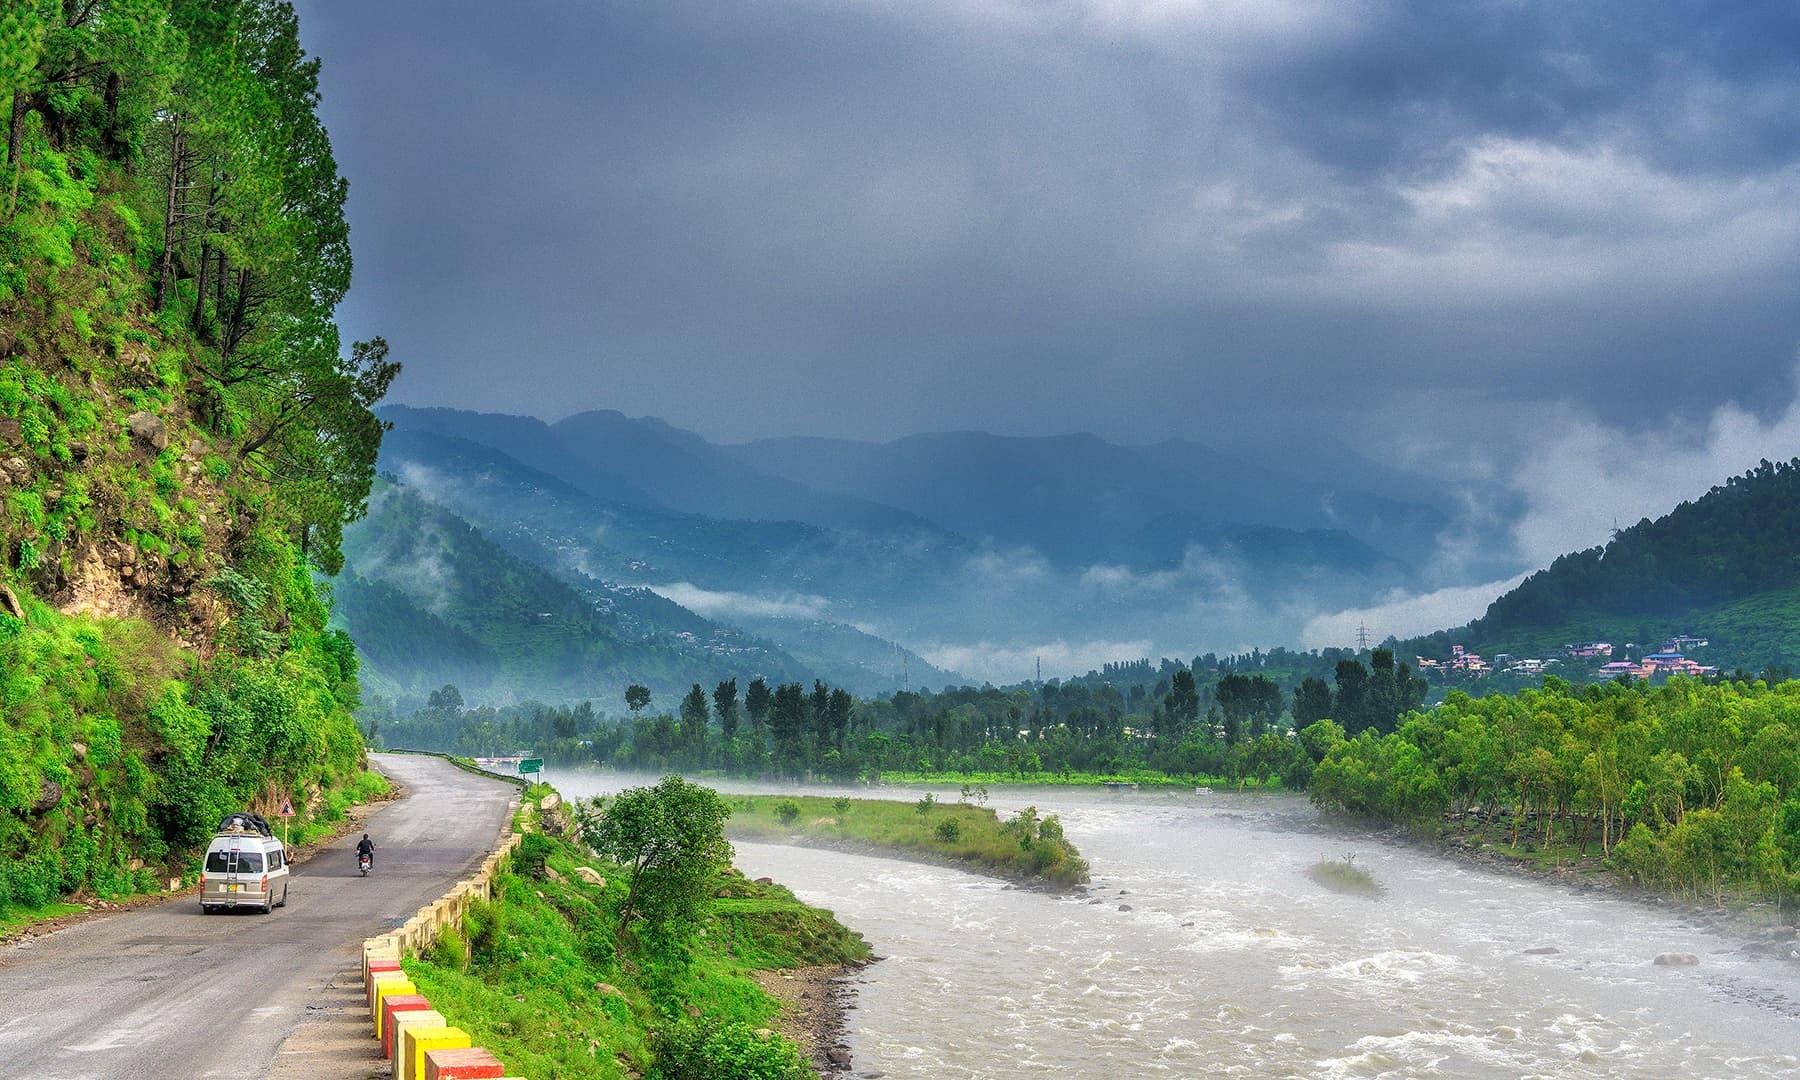 بالاکوٹ اور دریائے کنہار